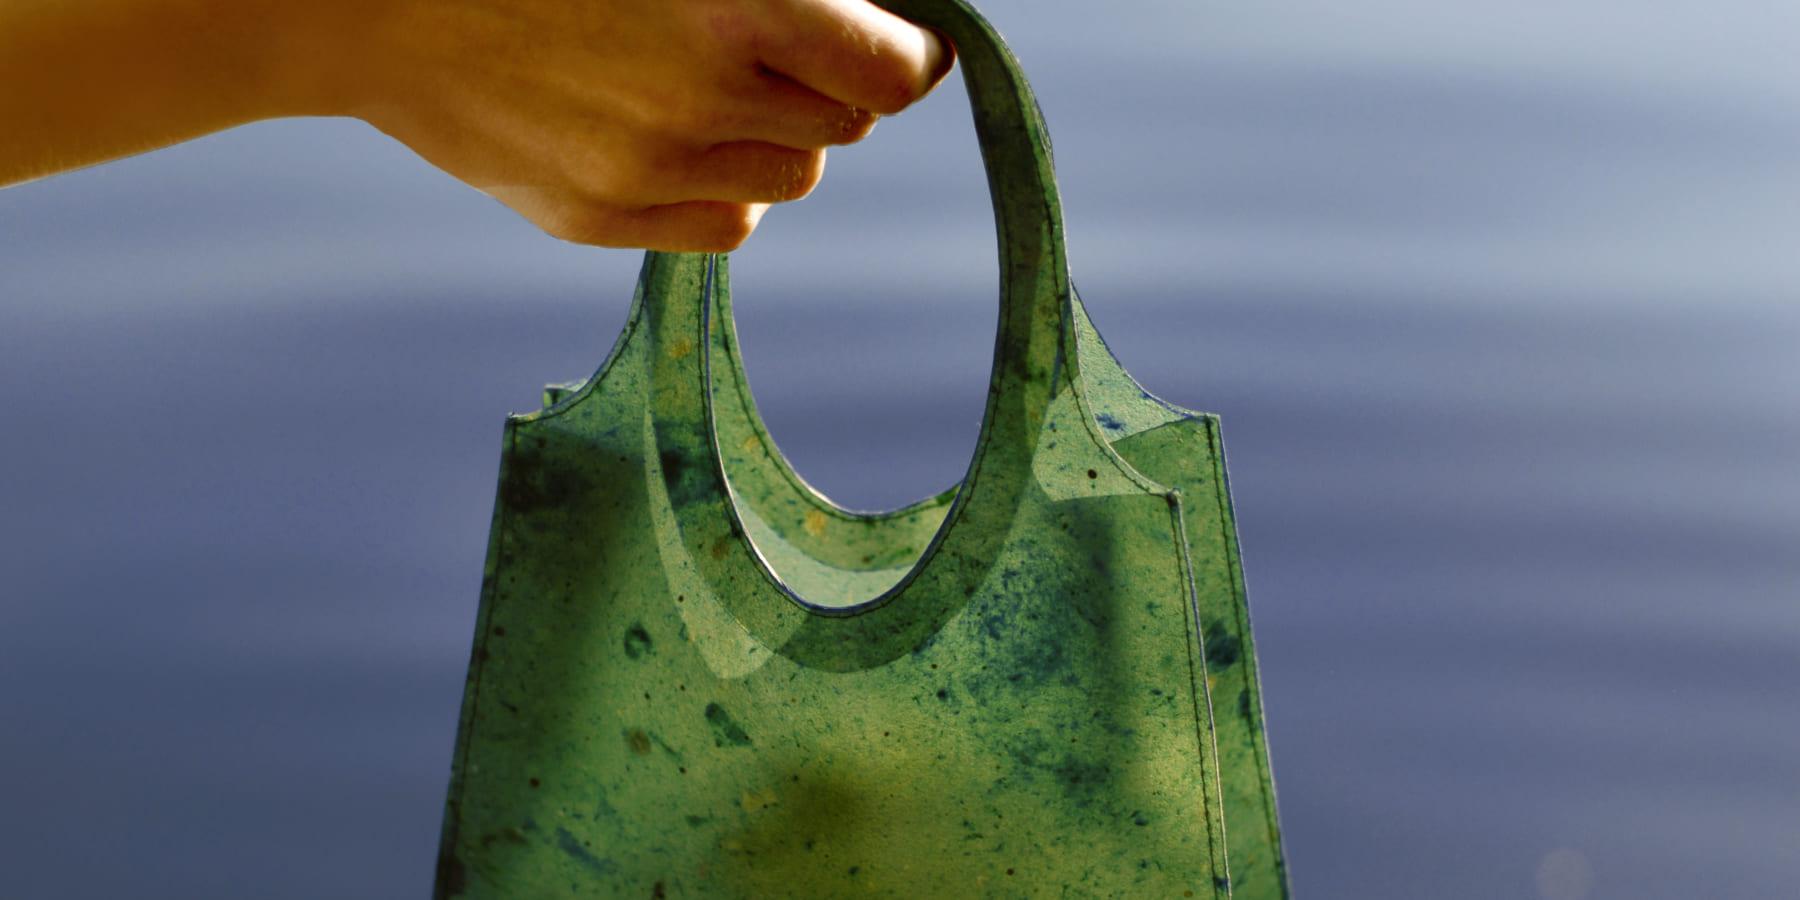 余った果物の皮でできた生分解可能なバッグ「Sonnet155」